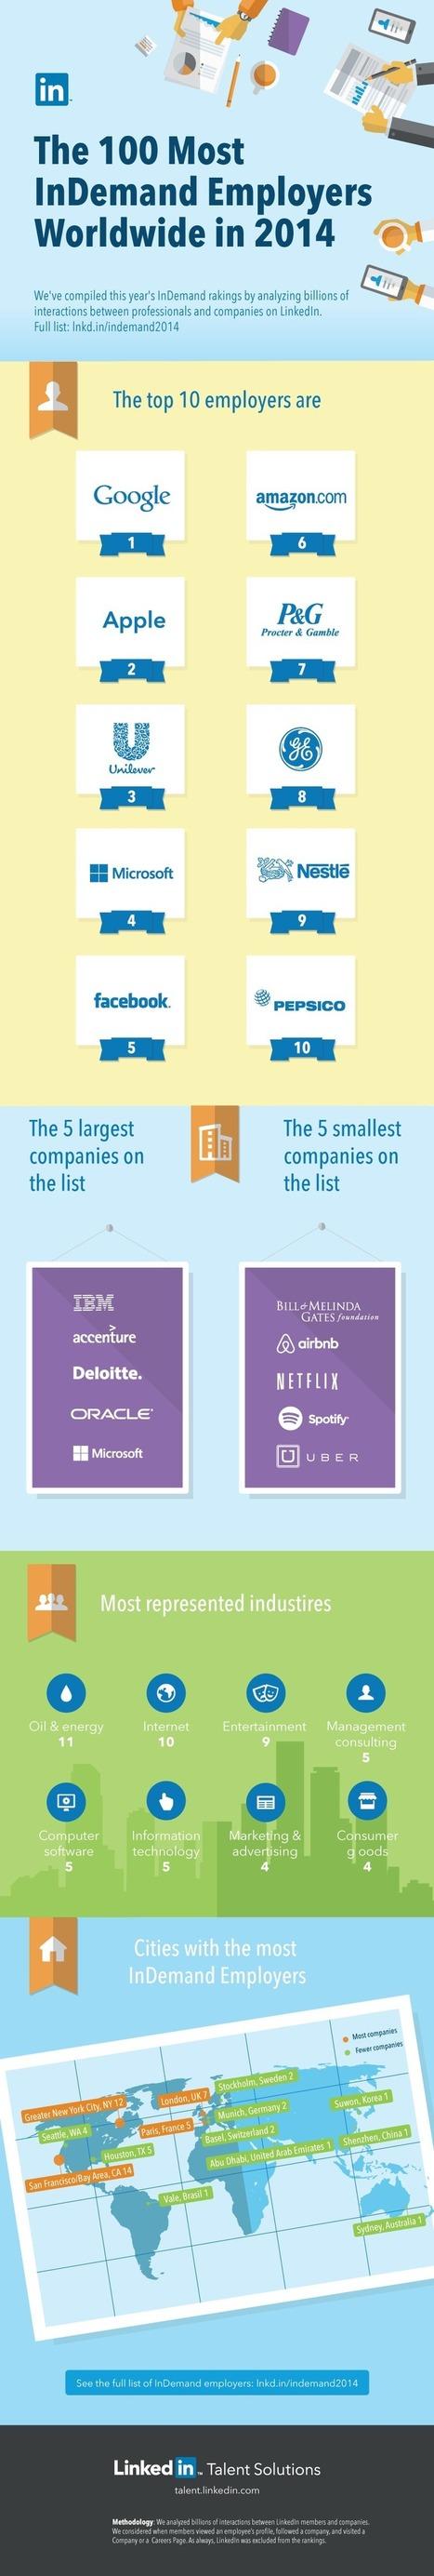 Empresas más demandadas según LinkedIn [Infografía] - MuyComputerPRO | Buscar trabajo | Scoop.it